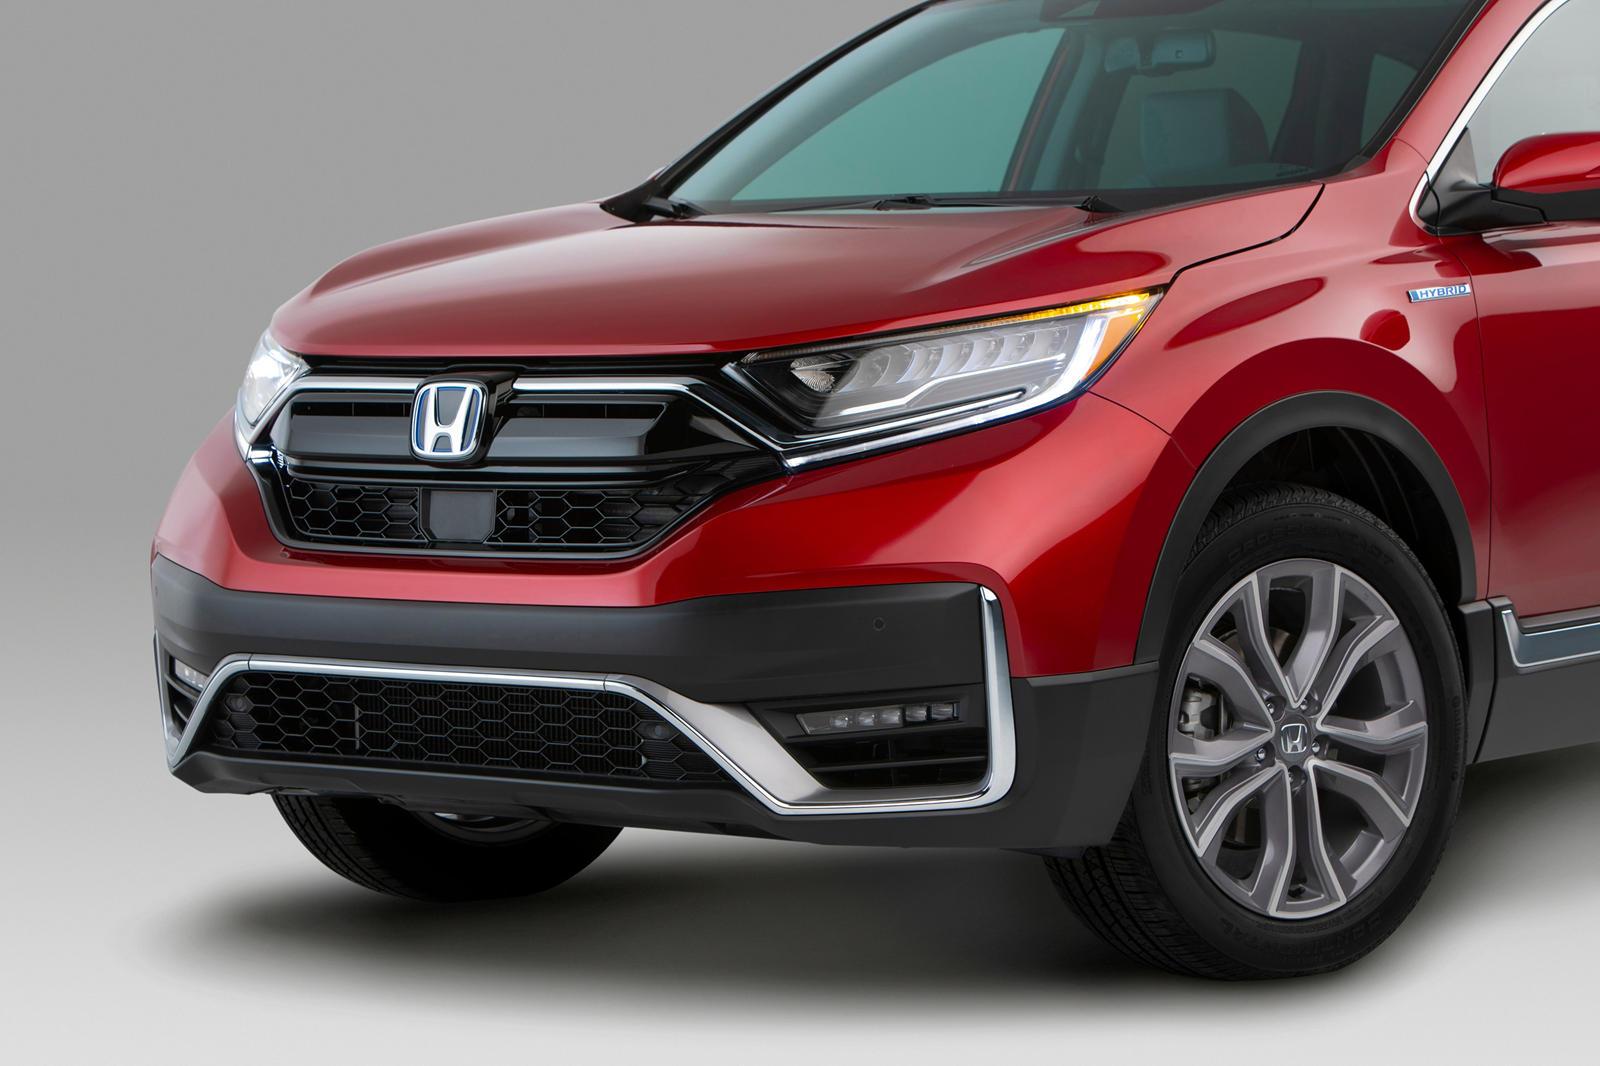 Сохраняя этот импульс гибридов и электромобилей, которые столь же востребованы, как и экологичны, Honda объявила о двух интригующих моделях, которые будут представлены на автосалоне в Пекине в конце этого месяца. Изначально шоу было запланировано на